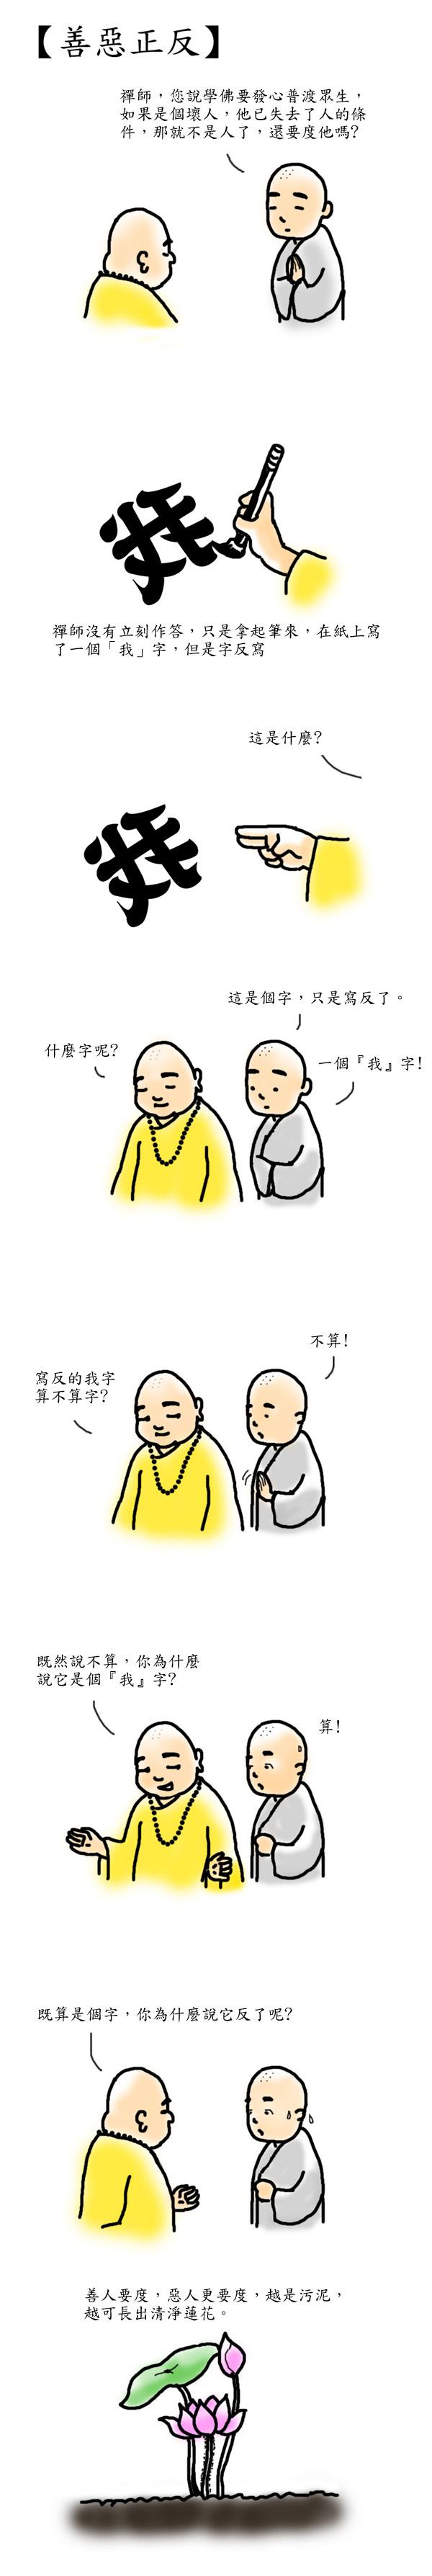 漫畫善惡正反.jpg